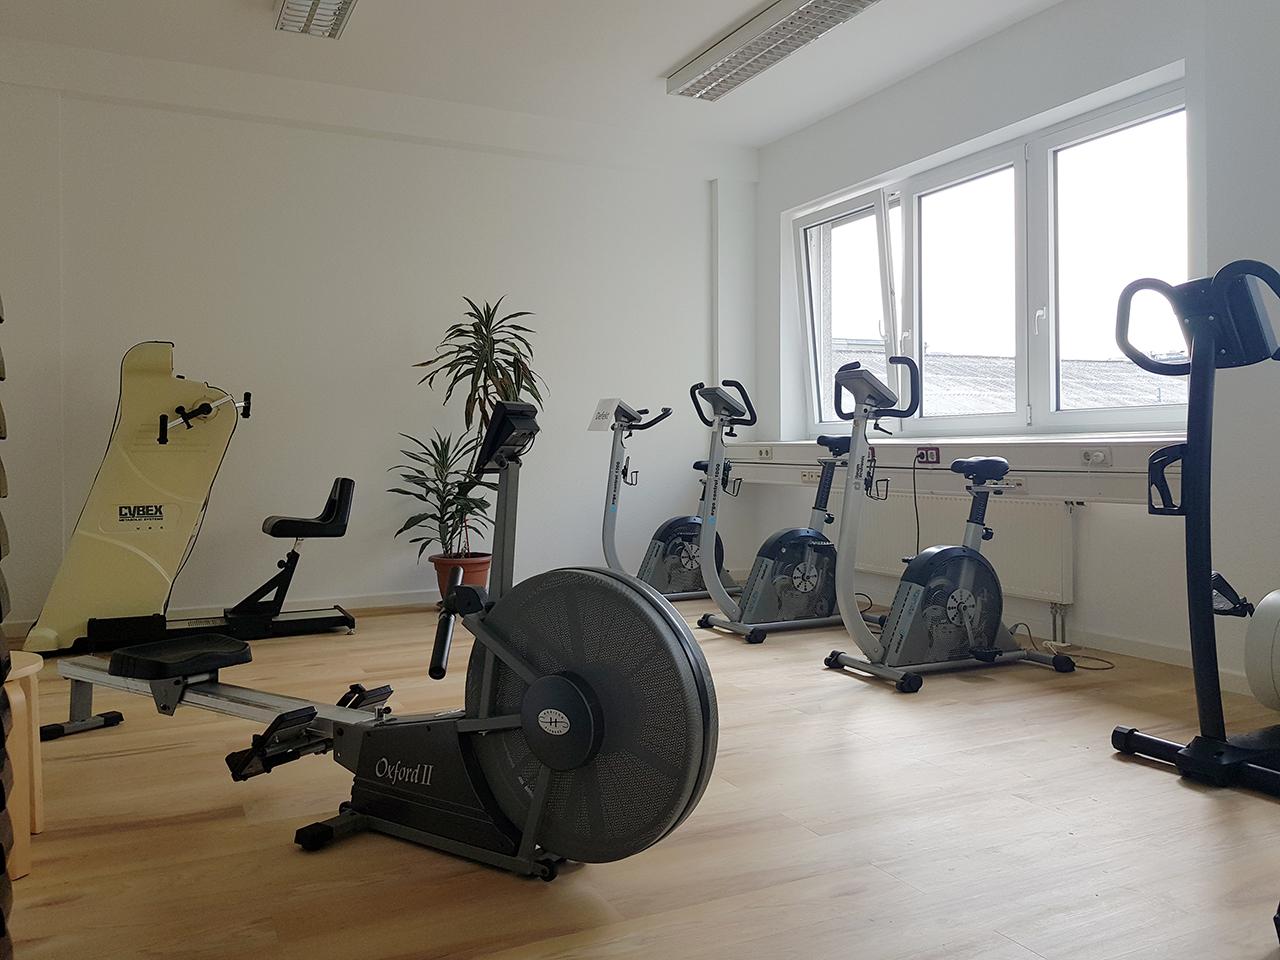 Gesundheitszentrum Lichtenberg, Trainingsgeräte